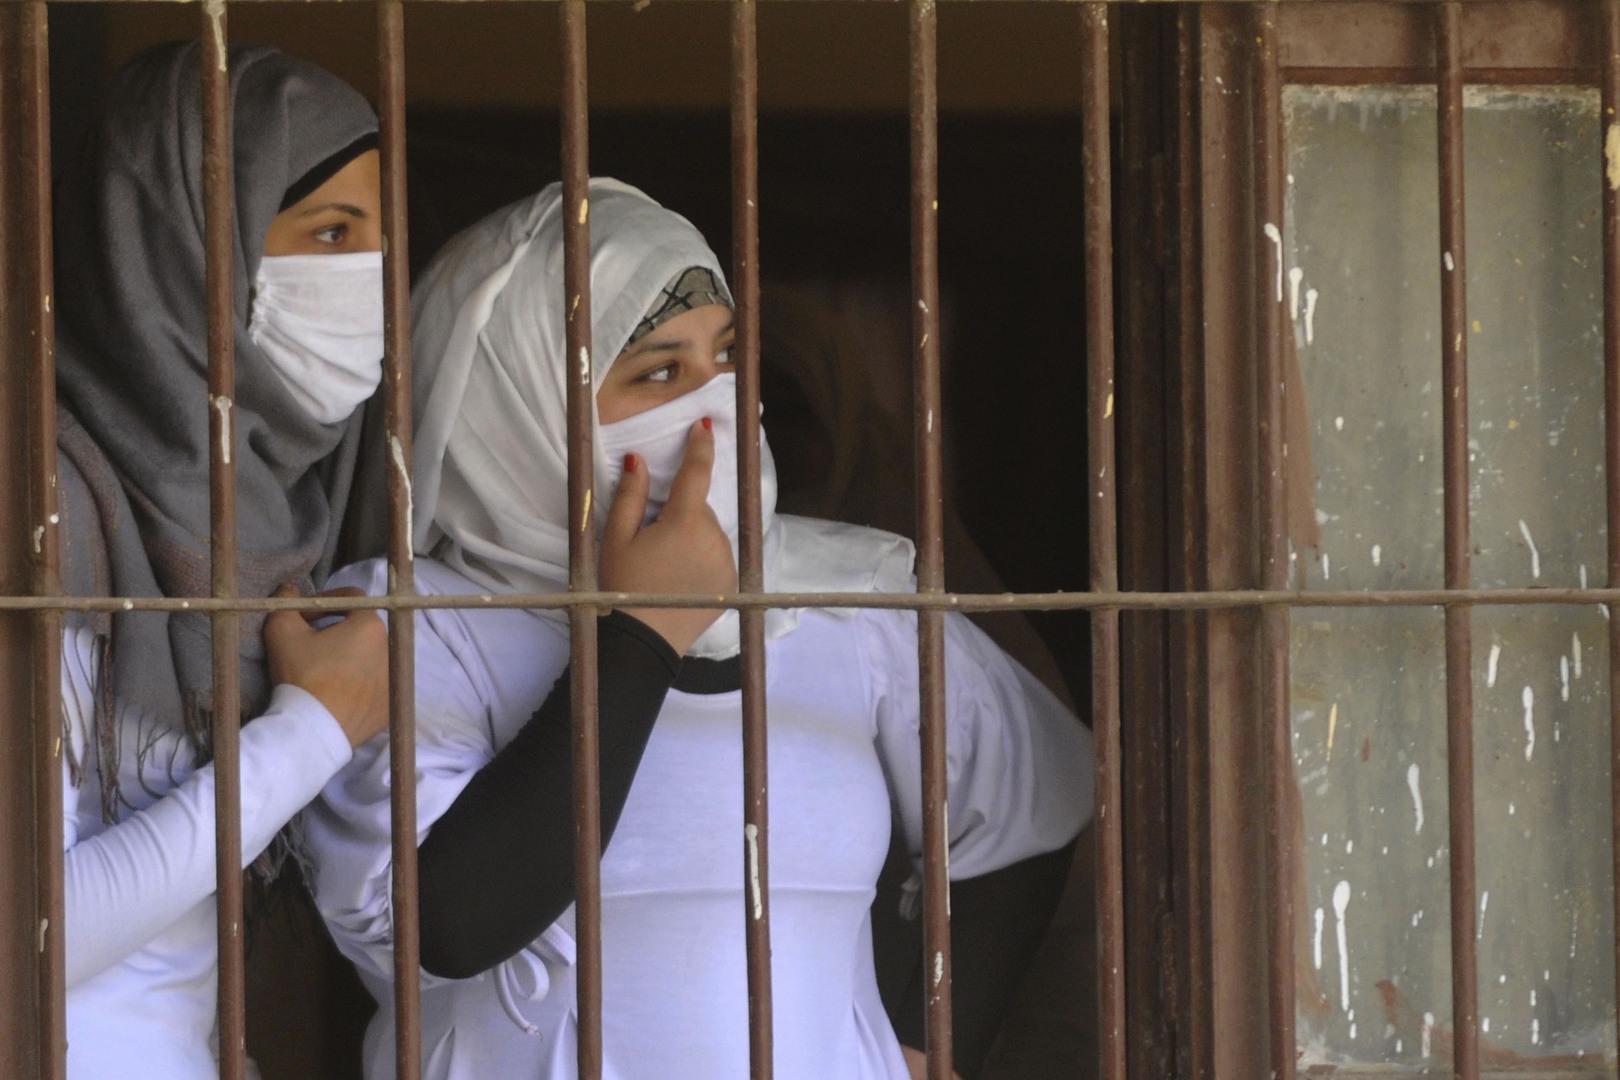 مصر تعلن شفاء مصابين بفيروس كورونا وخروجهم من العزل الصحي